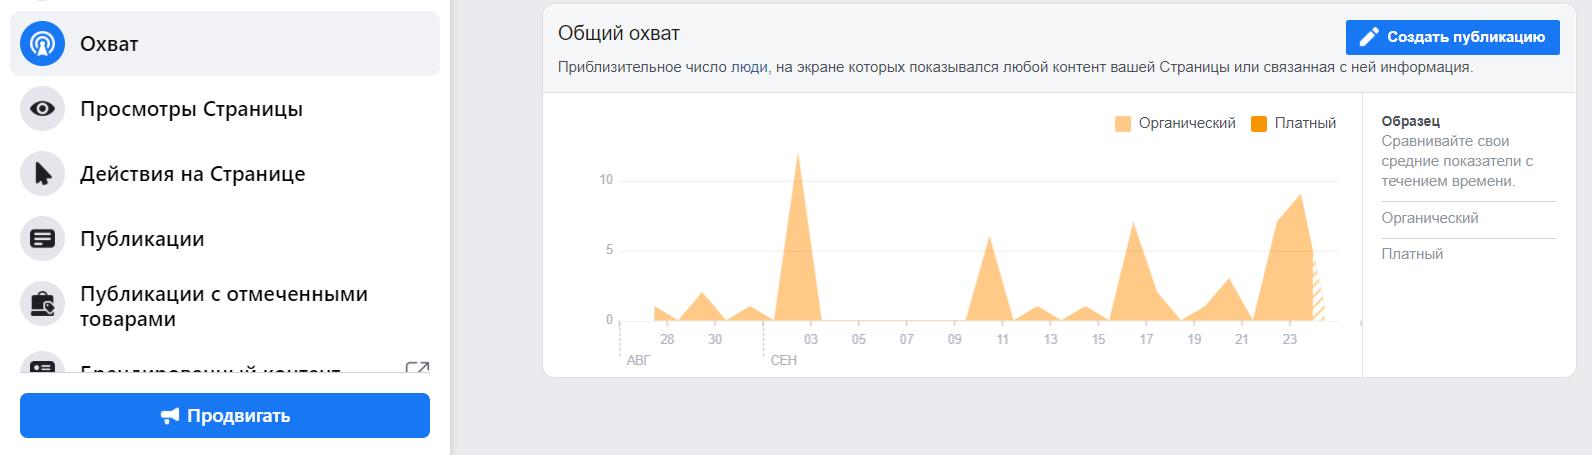 Обратите внимание, в пояснениях Фейсбука к статистике охвата везде указано, что данные приблизительные